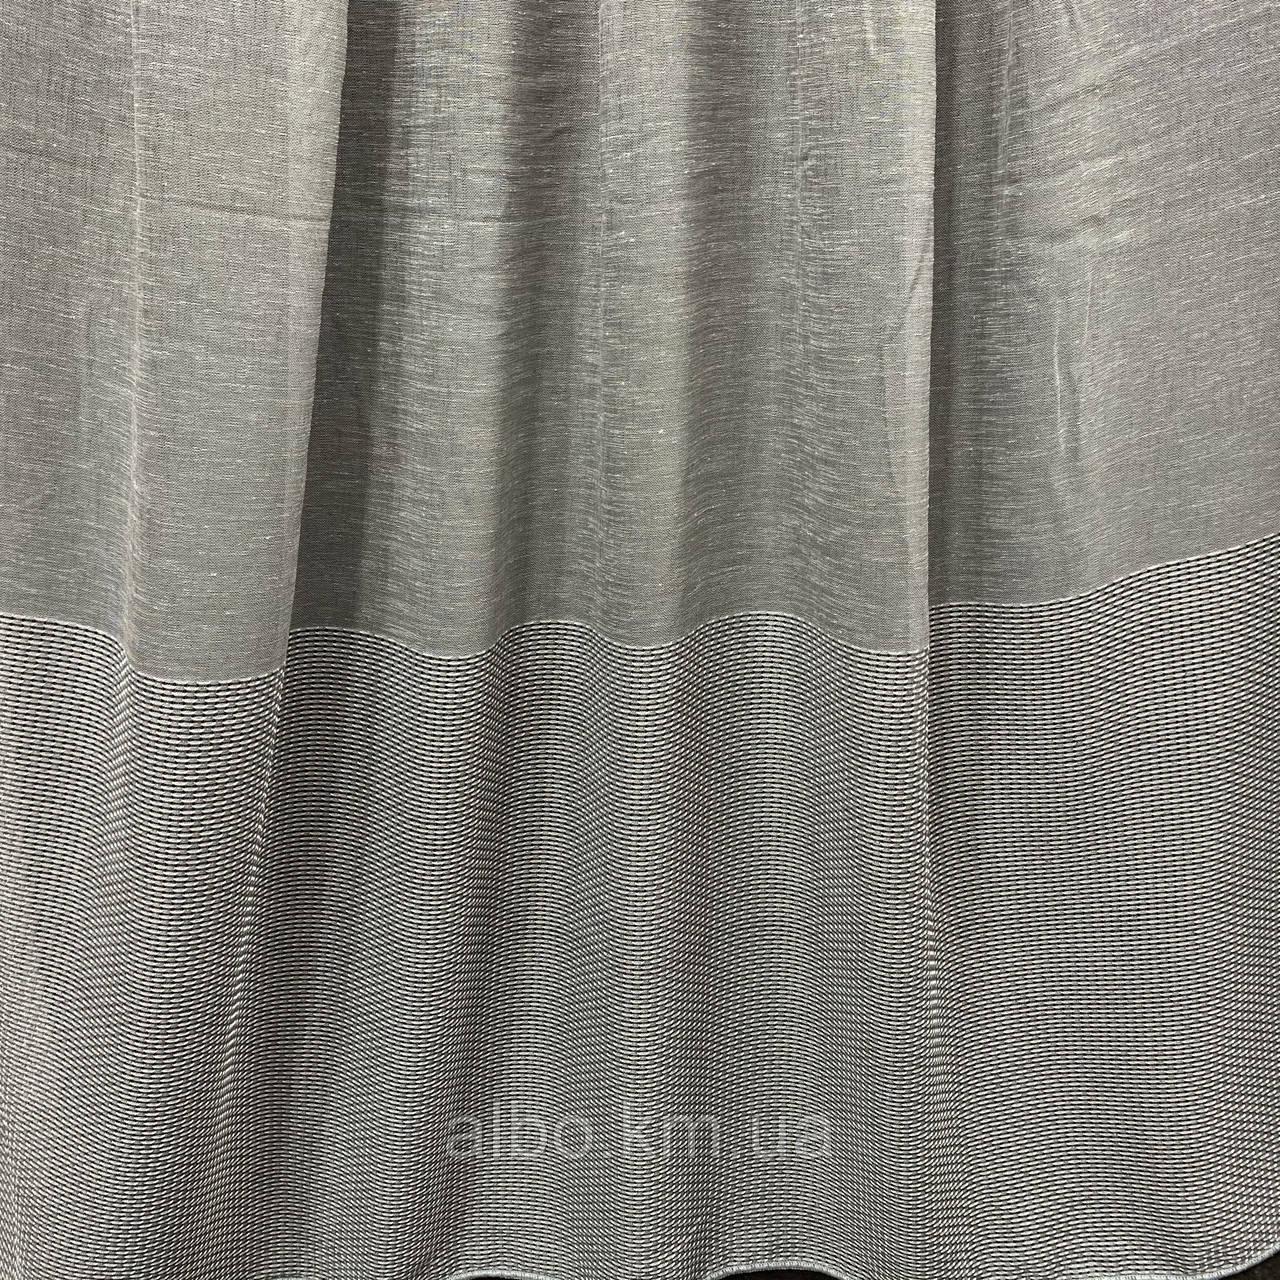 Гарний тюль з льону сірого кольору на метраж, висота 2.8 м(1980V-14)